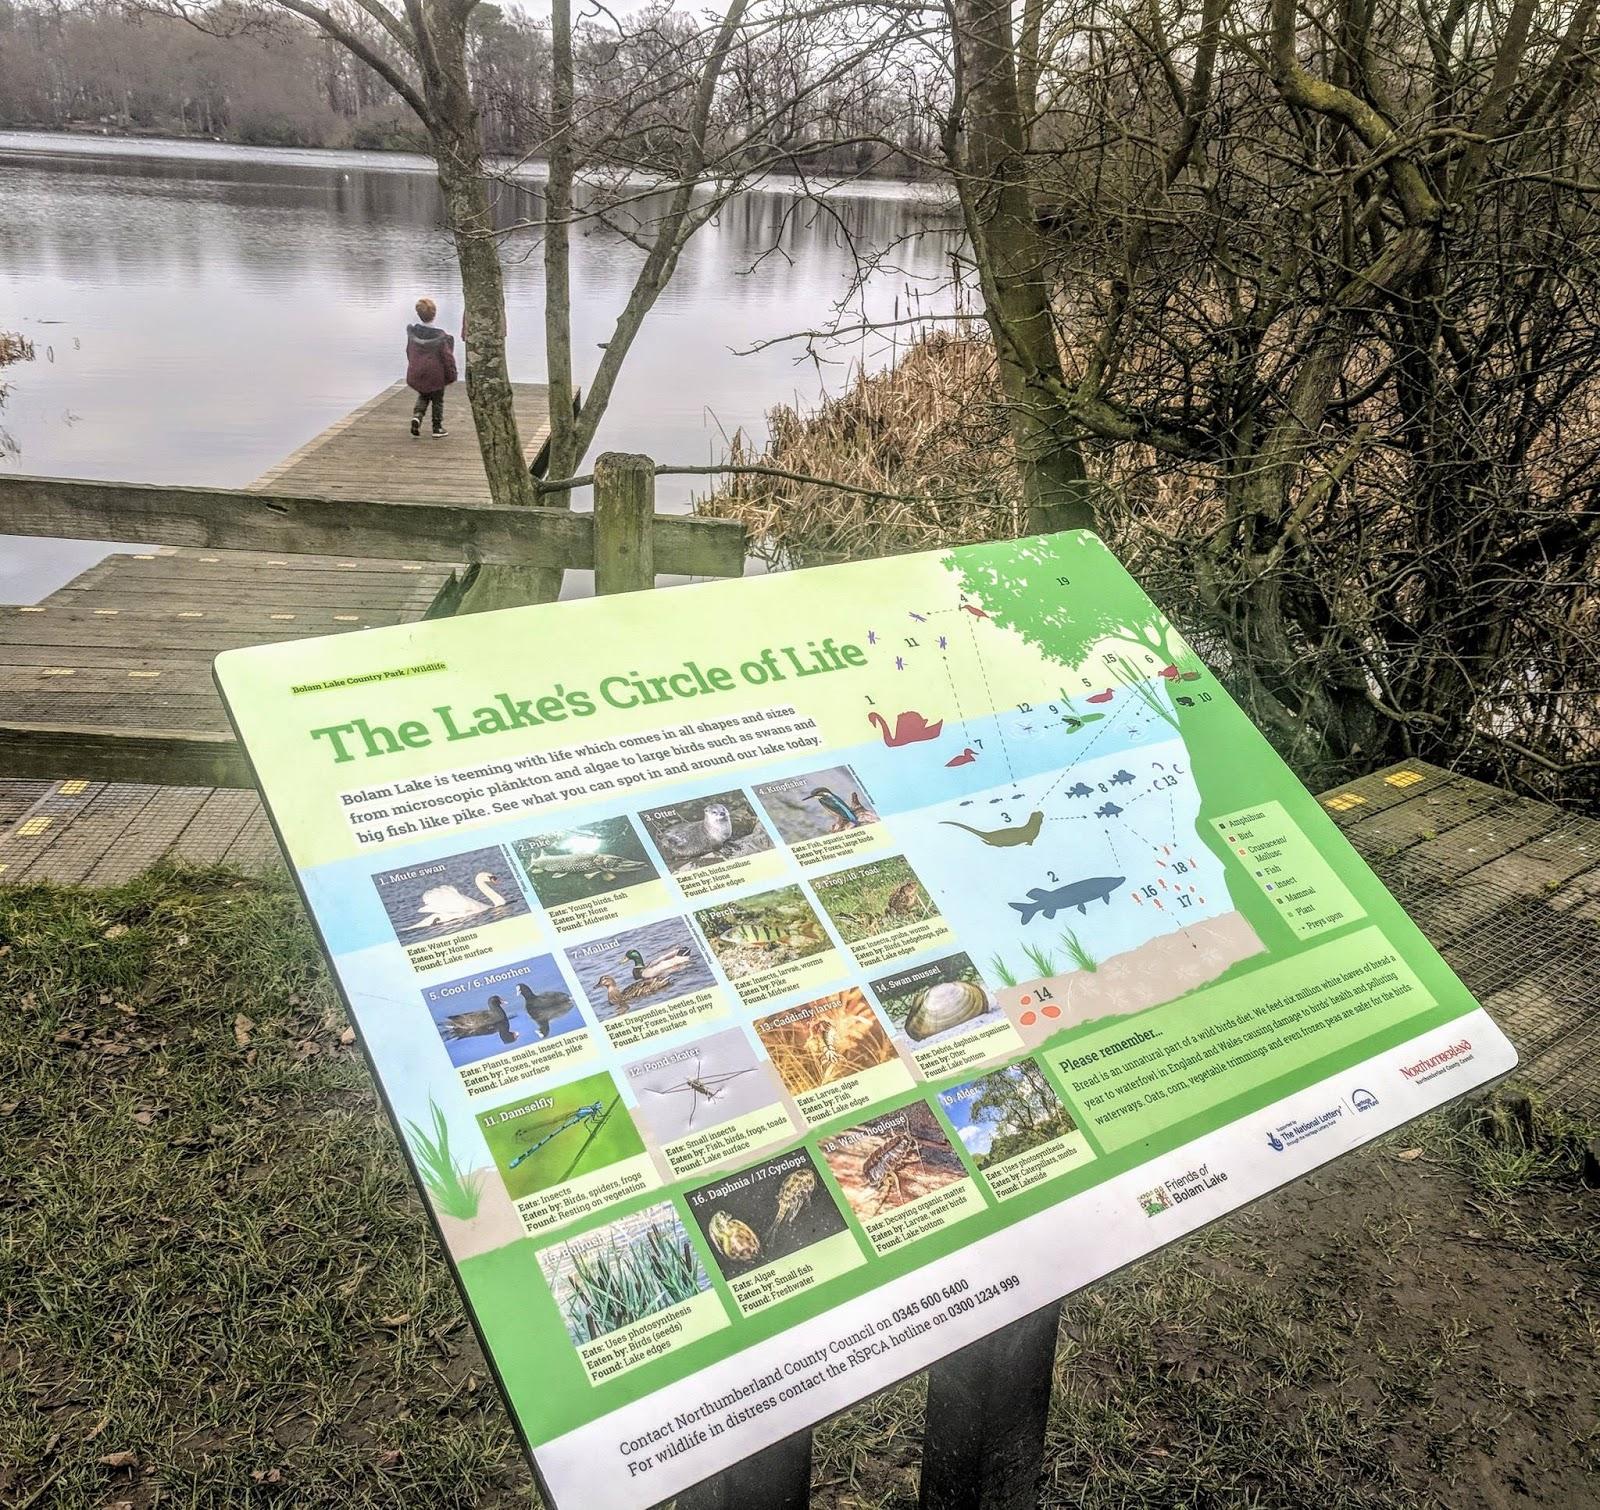 A Guide to Visiting Bolam Lake, Northumberland  - circle of life sign